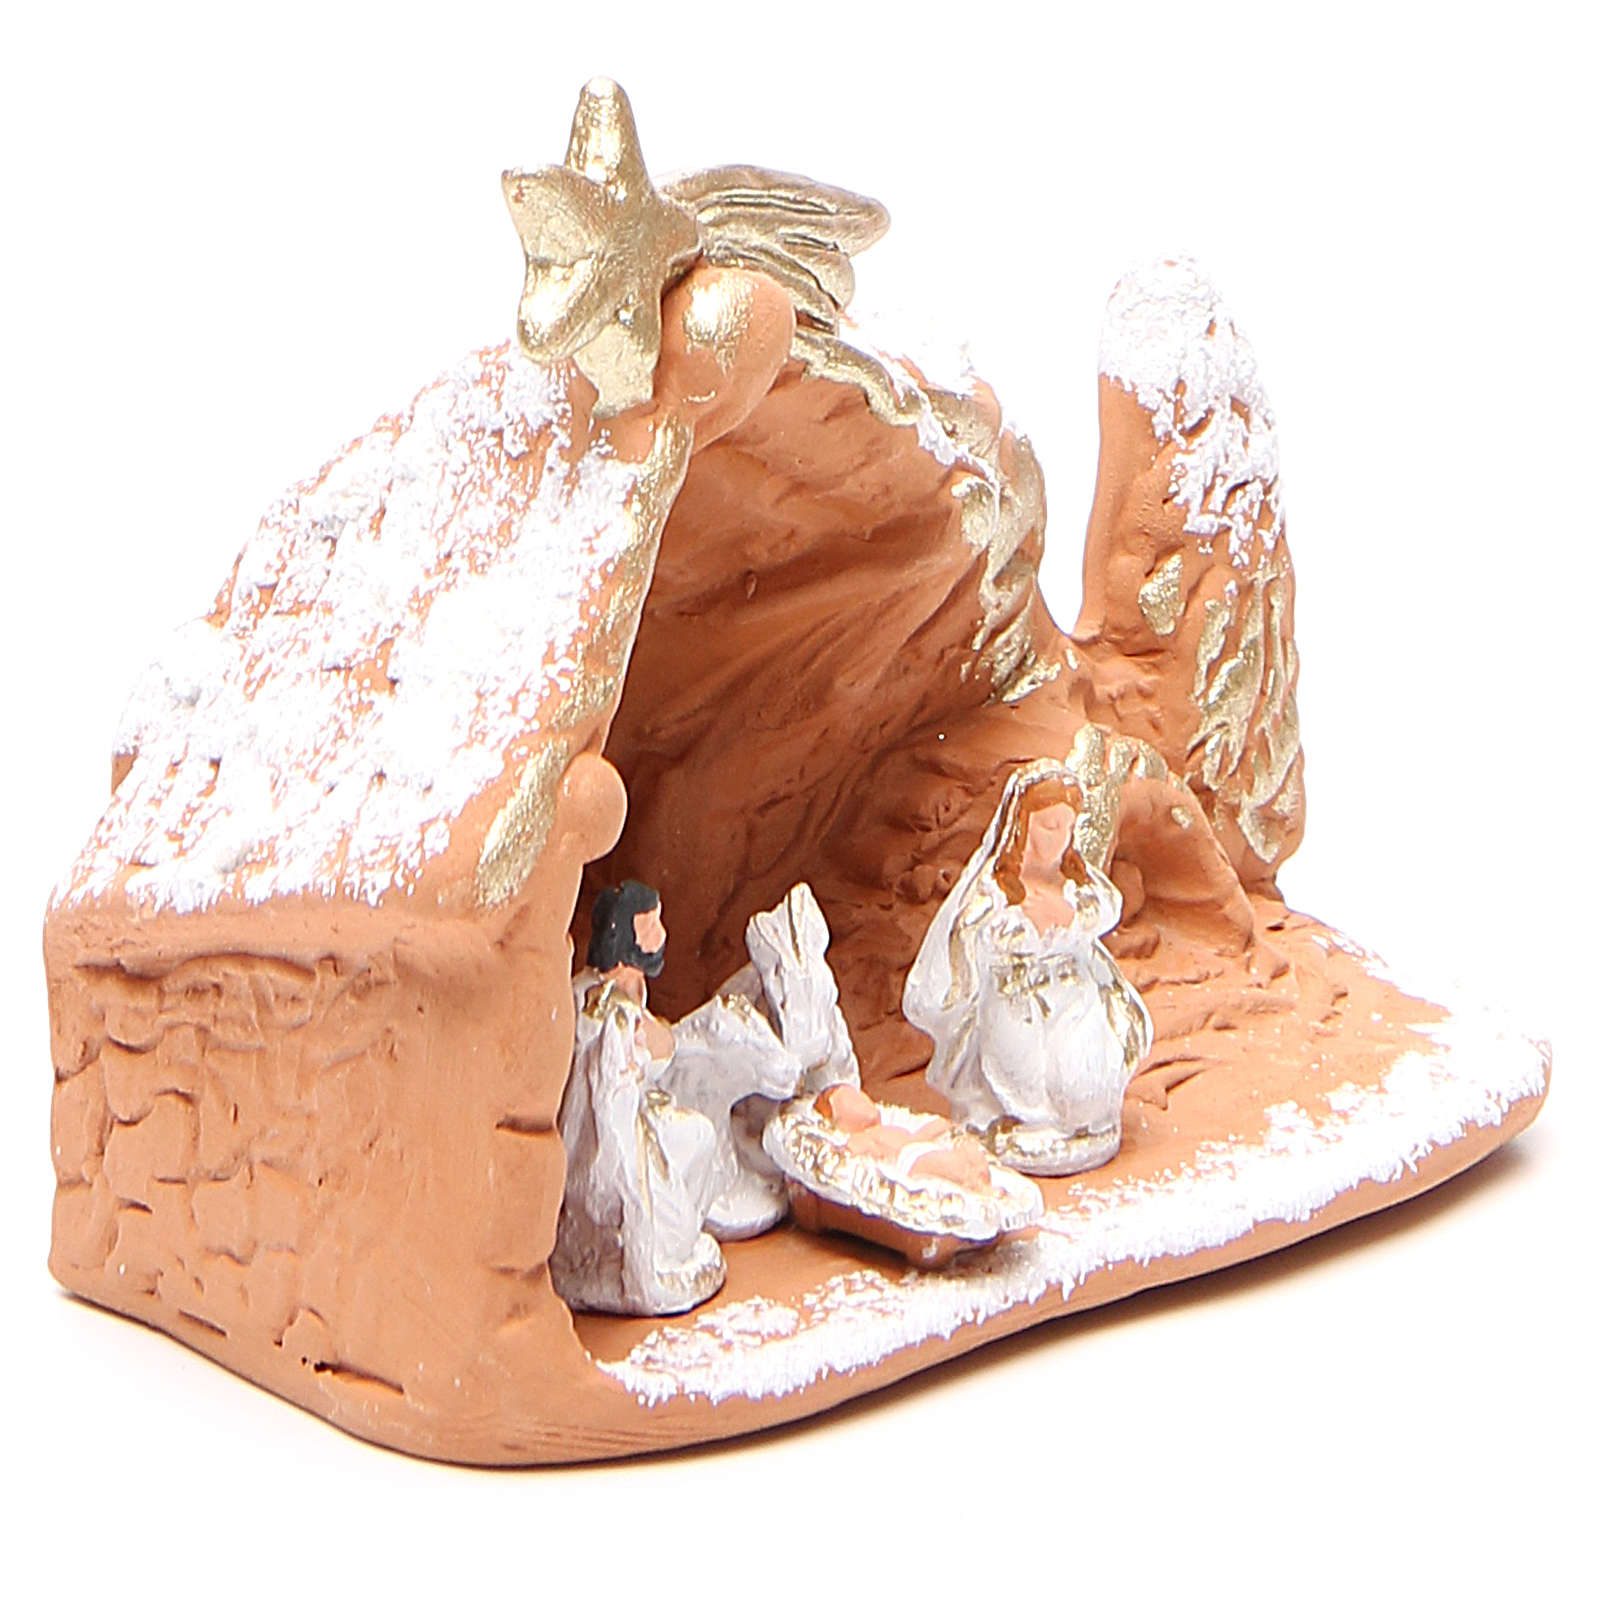 Nativité terre cuite avec décor 10x12x6 cm 4